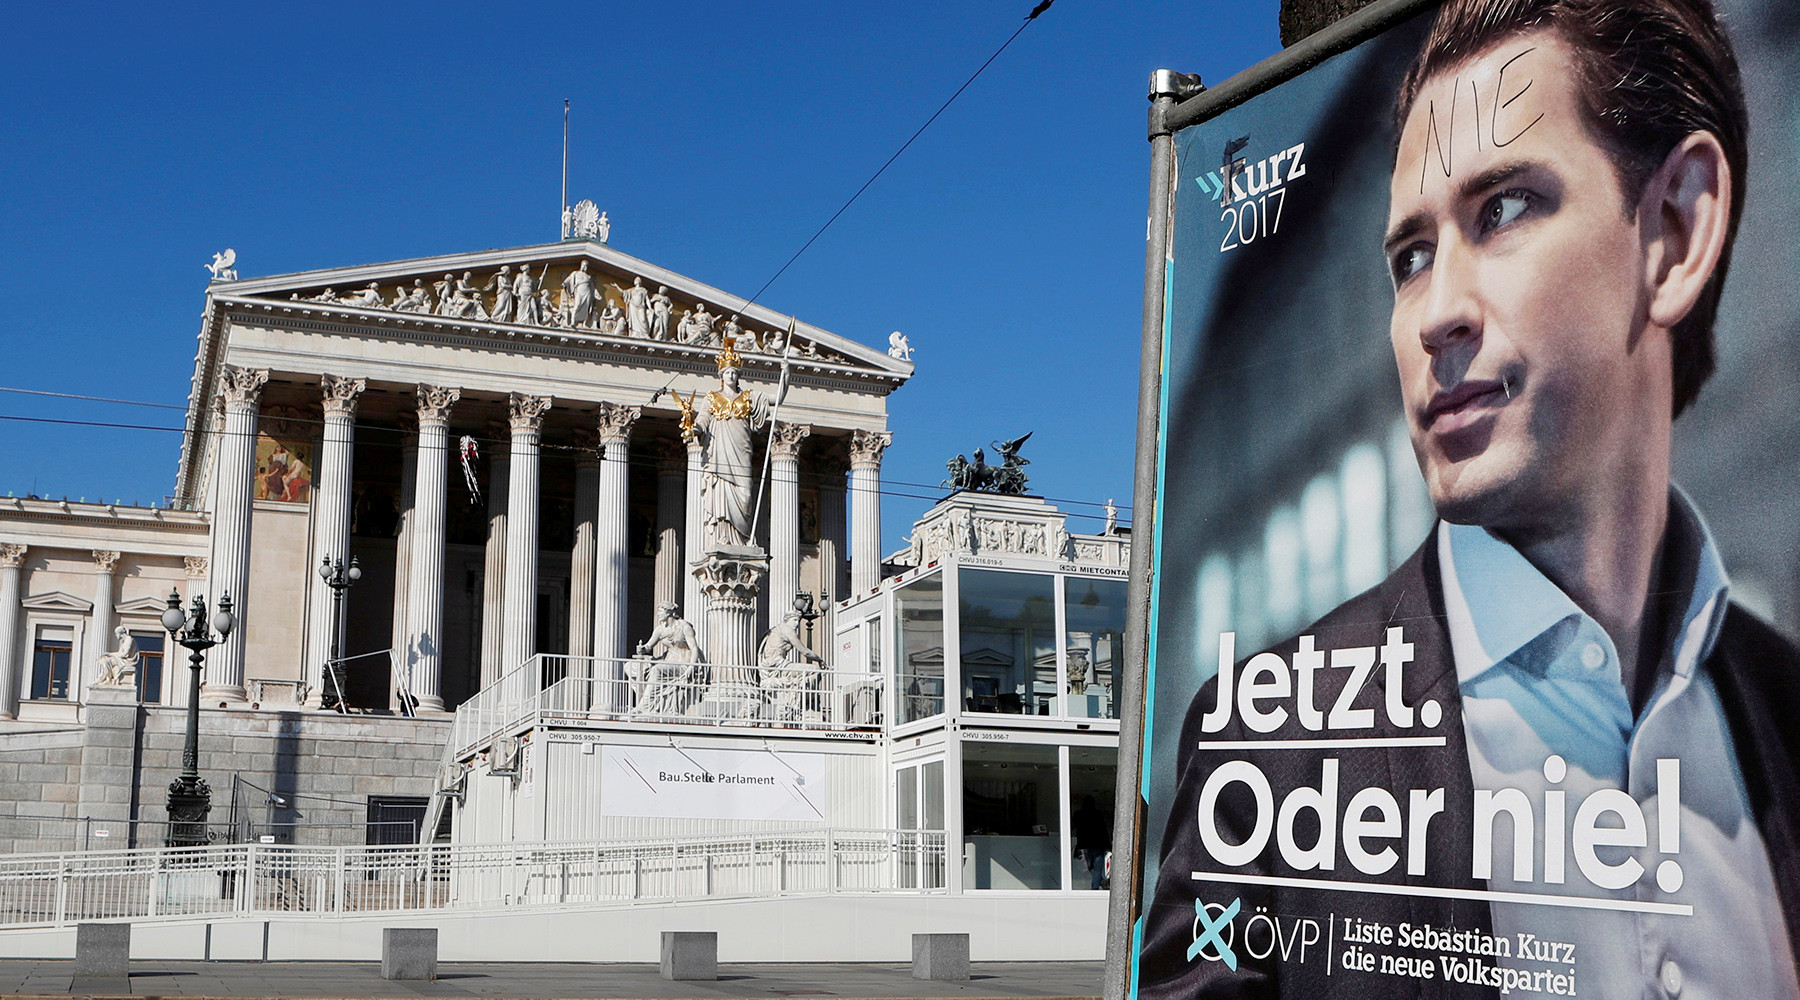 Результаты парламентских выборов вАвстрии: вопрос окоалиции открыт